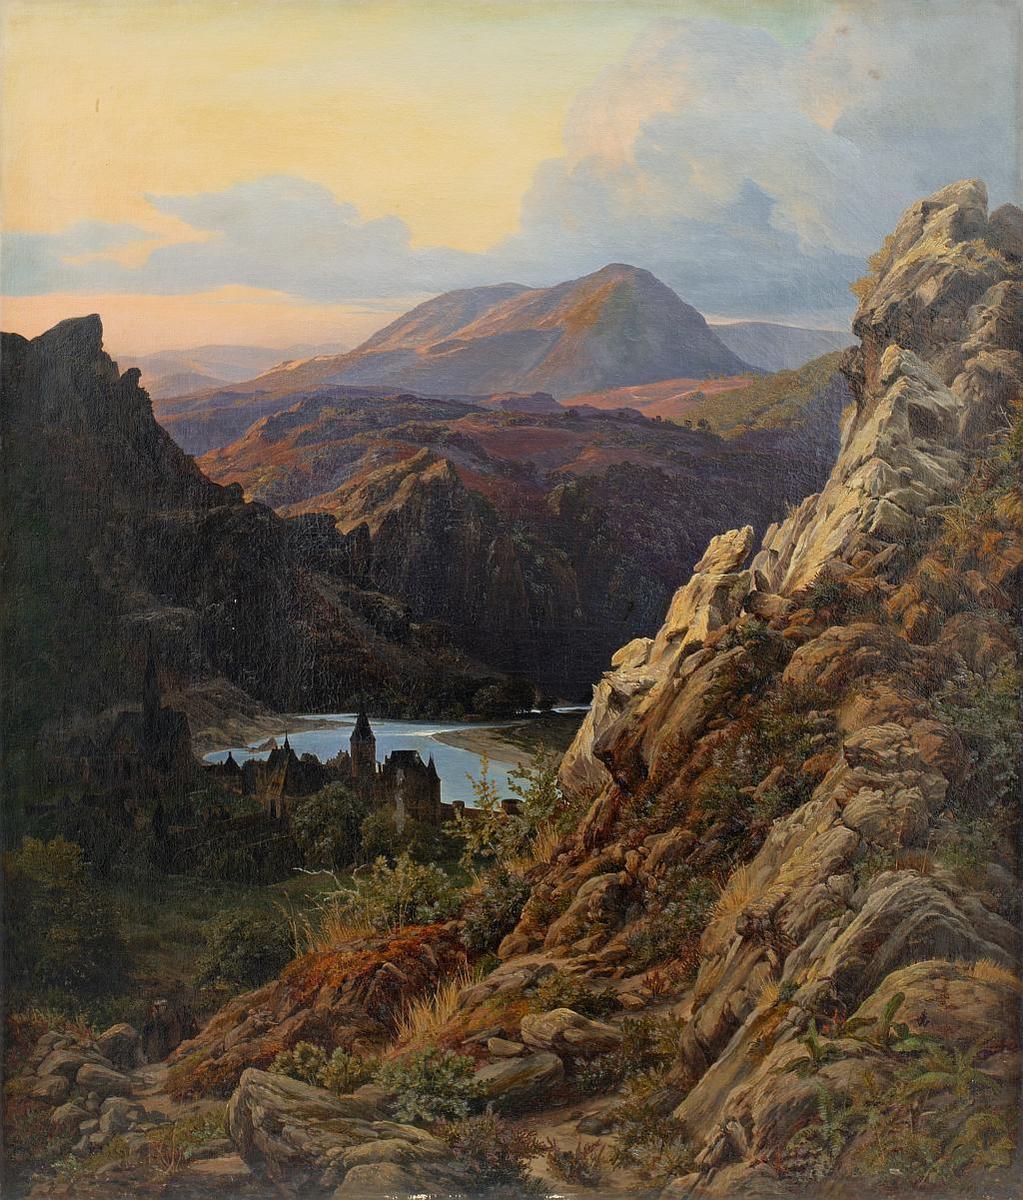 Standard johann wilhelm schirmer berglandschaft